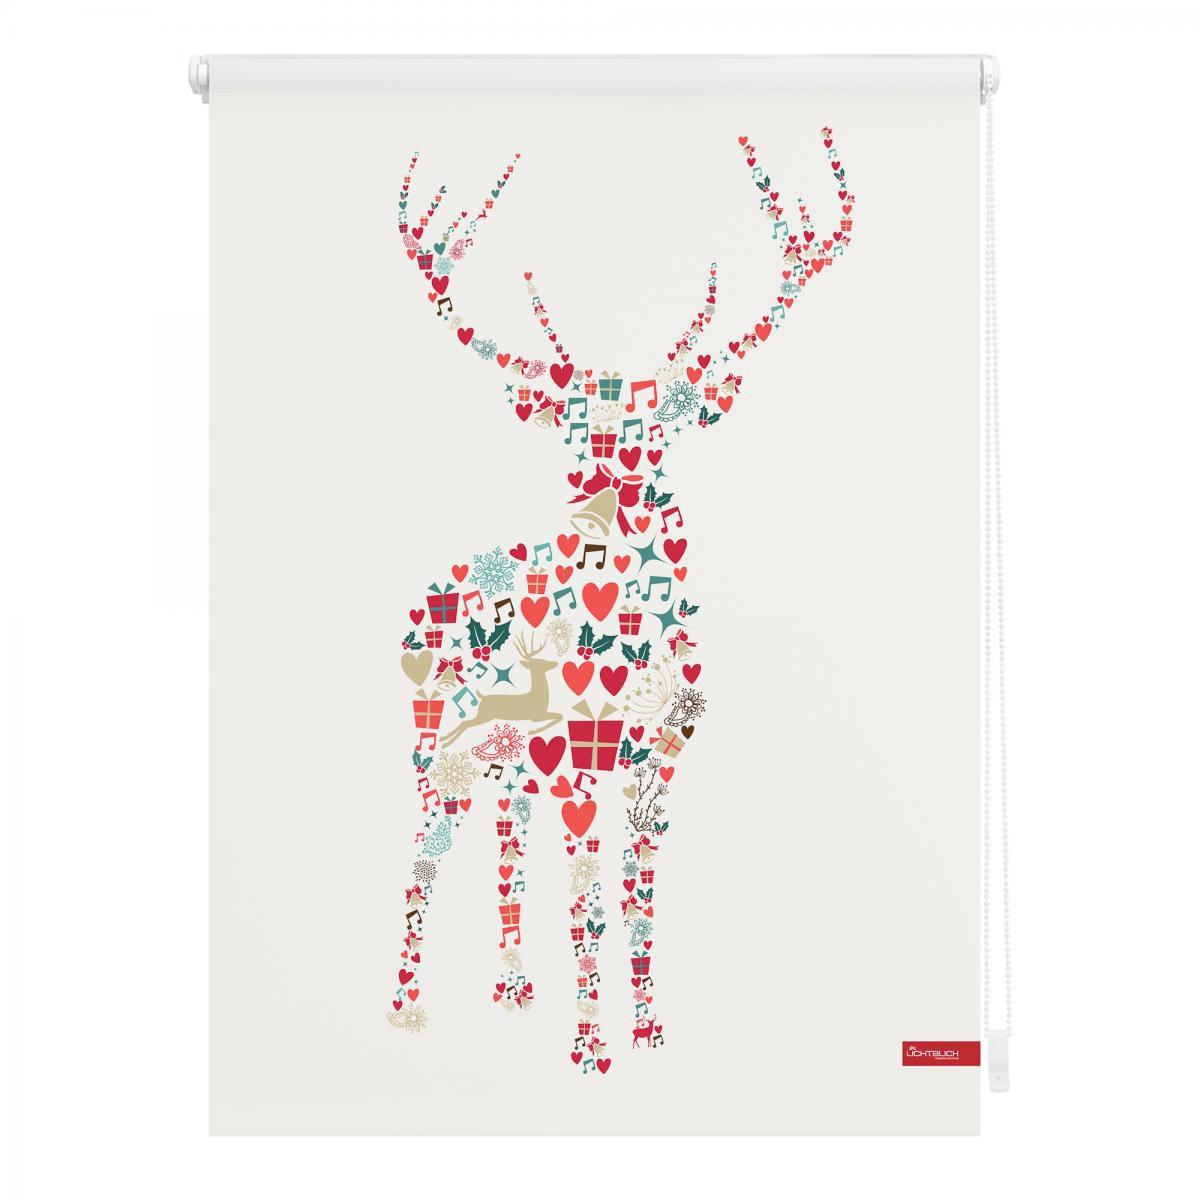 Bild 1 von Lichtblick Rollo Klemmfix, ohne Bohren, blickdicht, Rentier Weihnachten - Bunt, 100 x 150 cm (B x L)